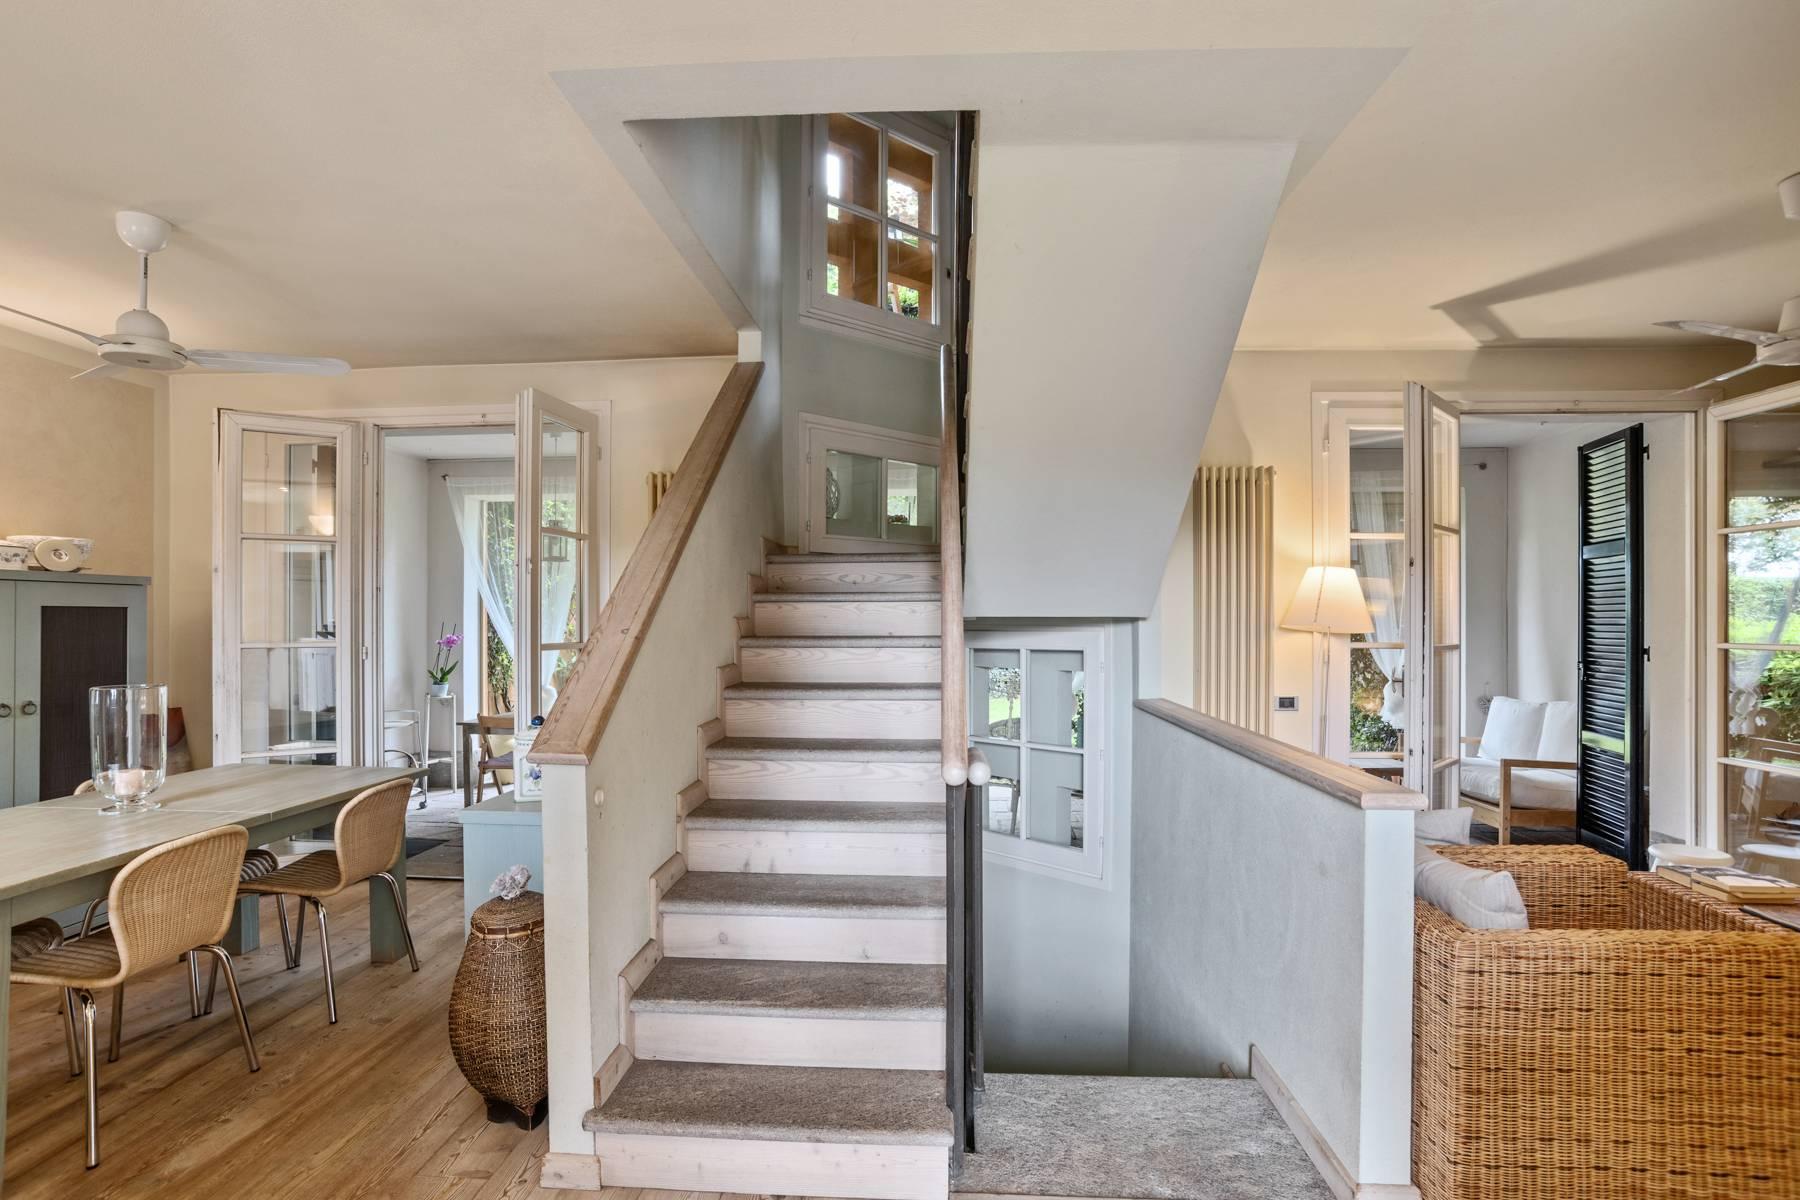 Villa in Vendita a Agrate Conturbia: 5 locali, 239 mq - Foto 9